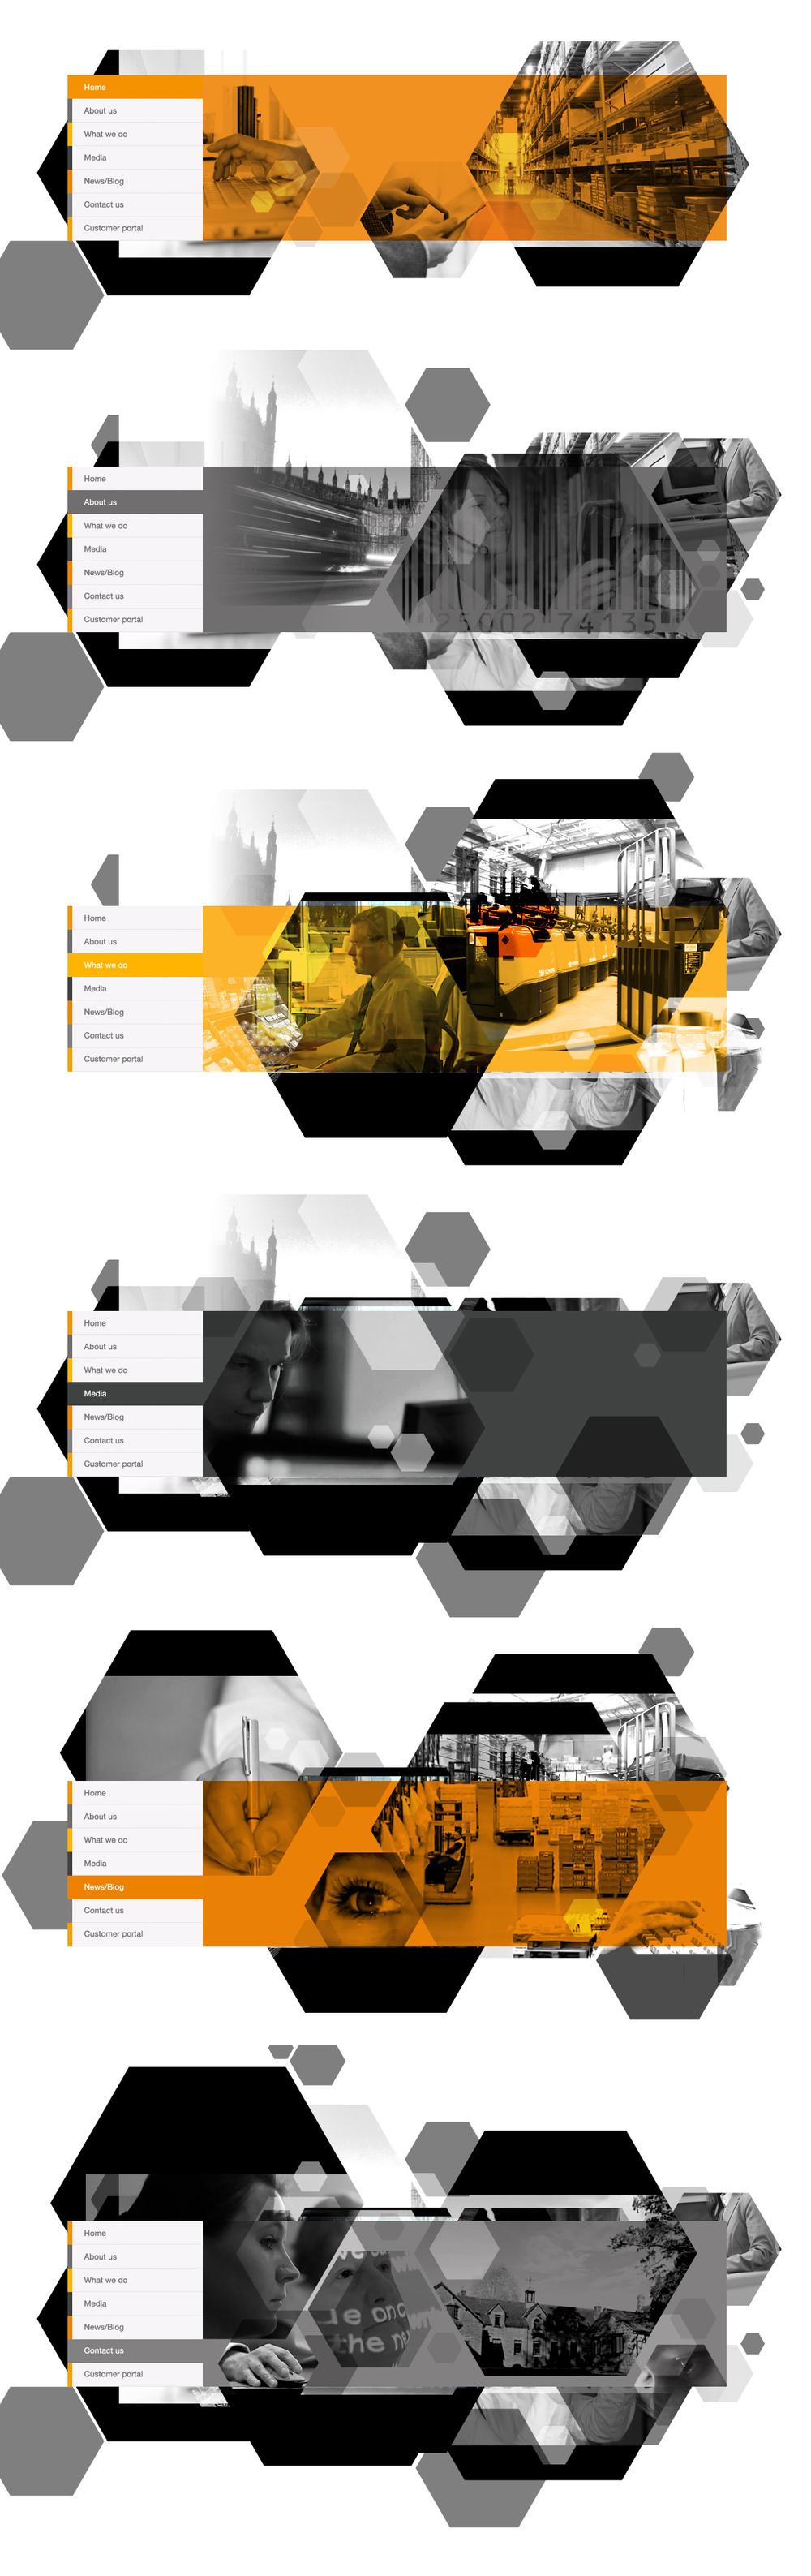 CSfD collages